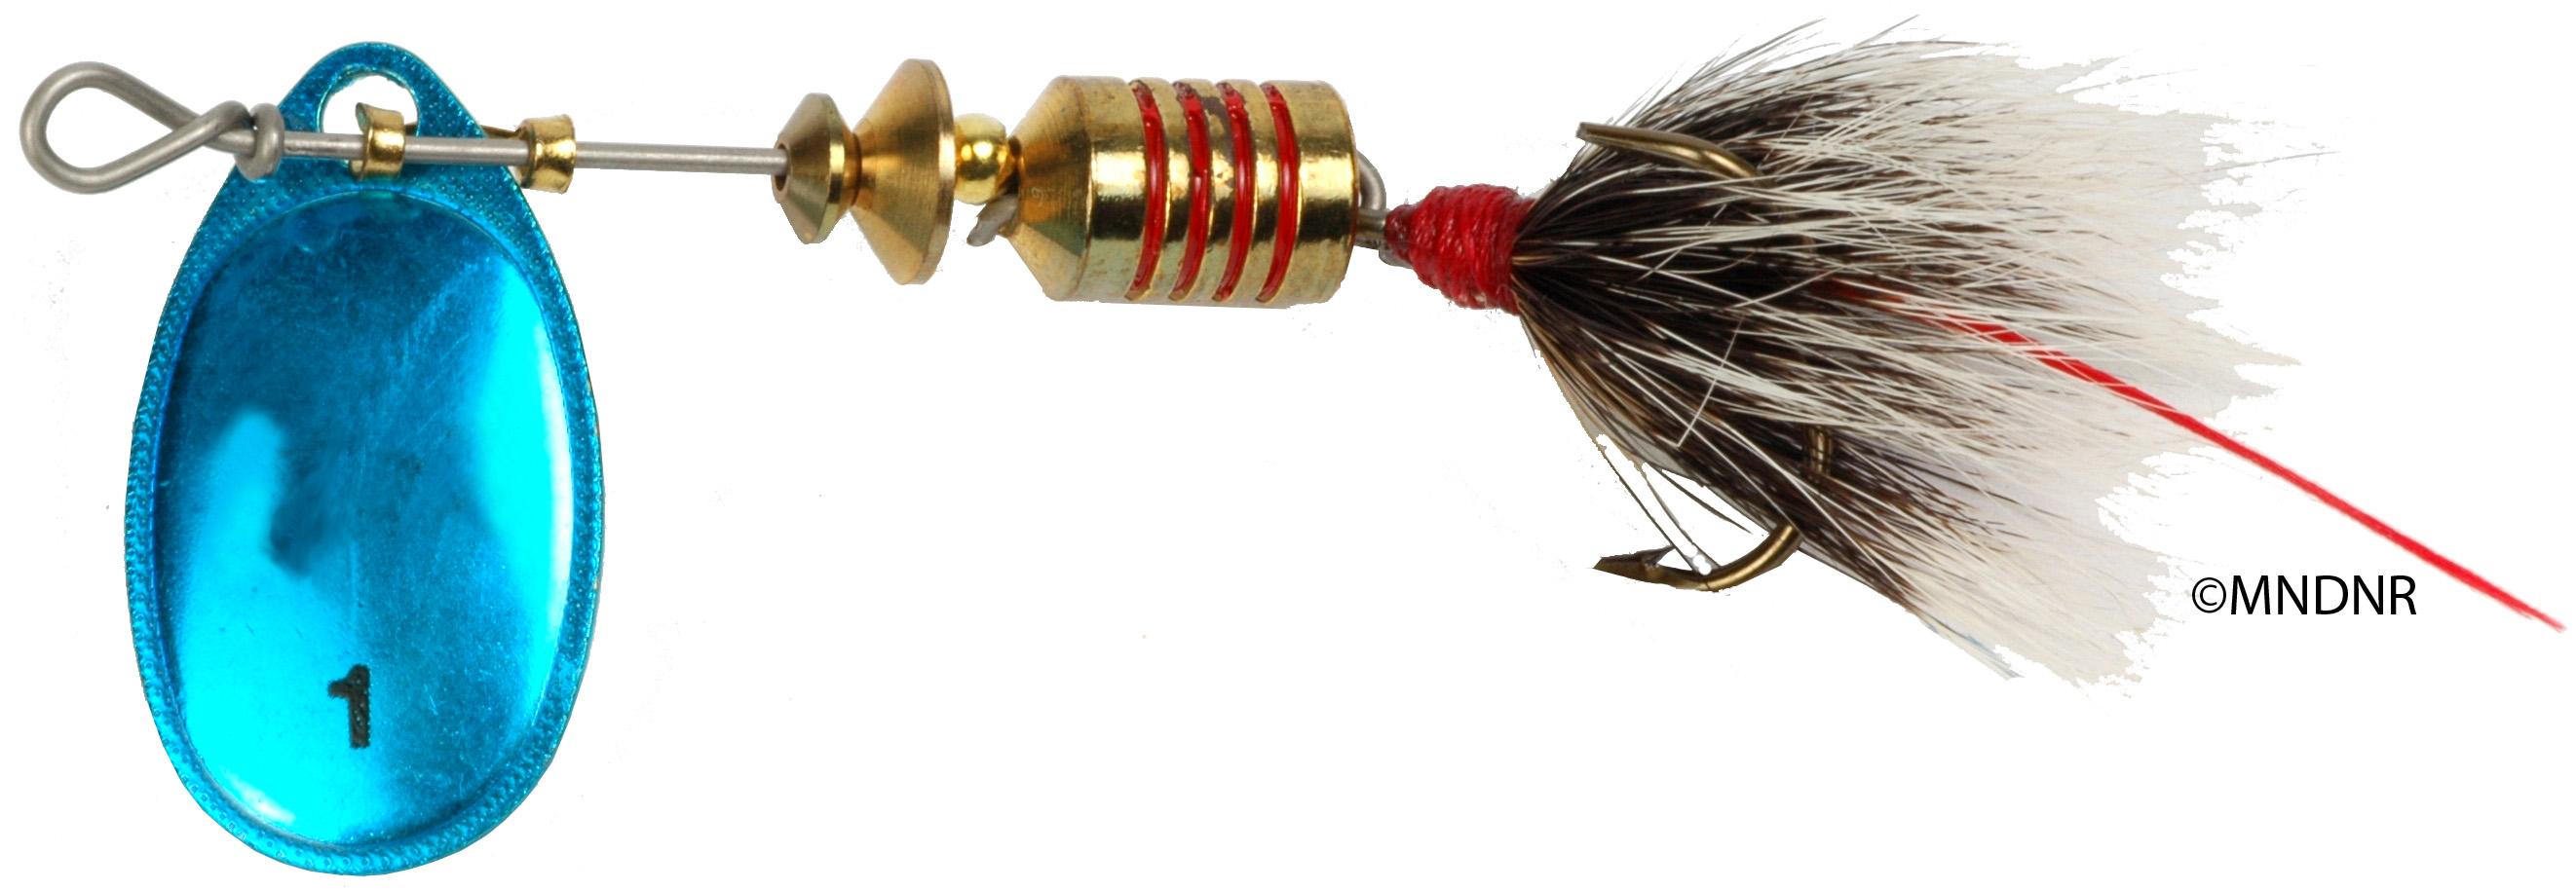 Spinner fly